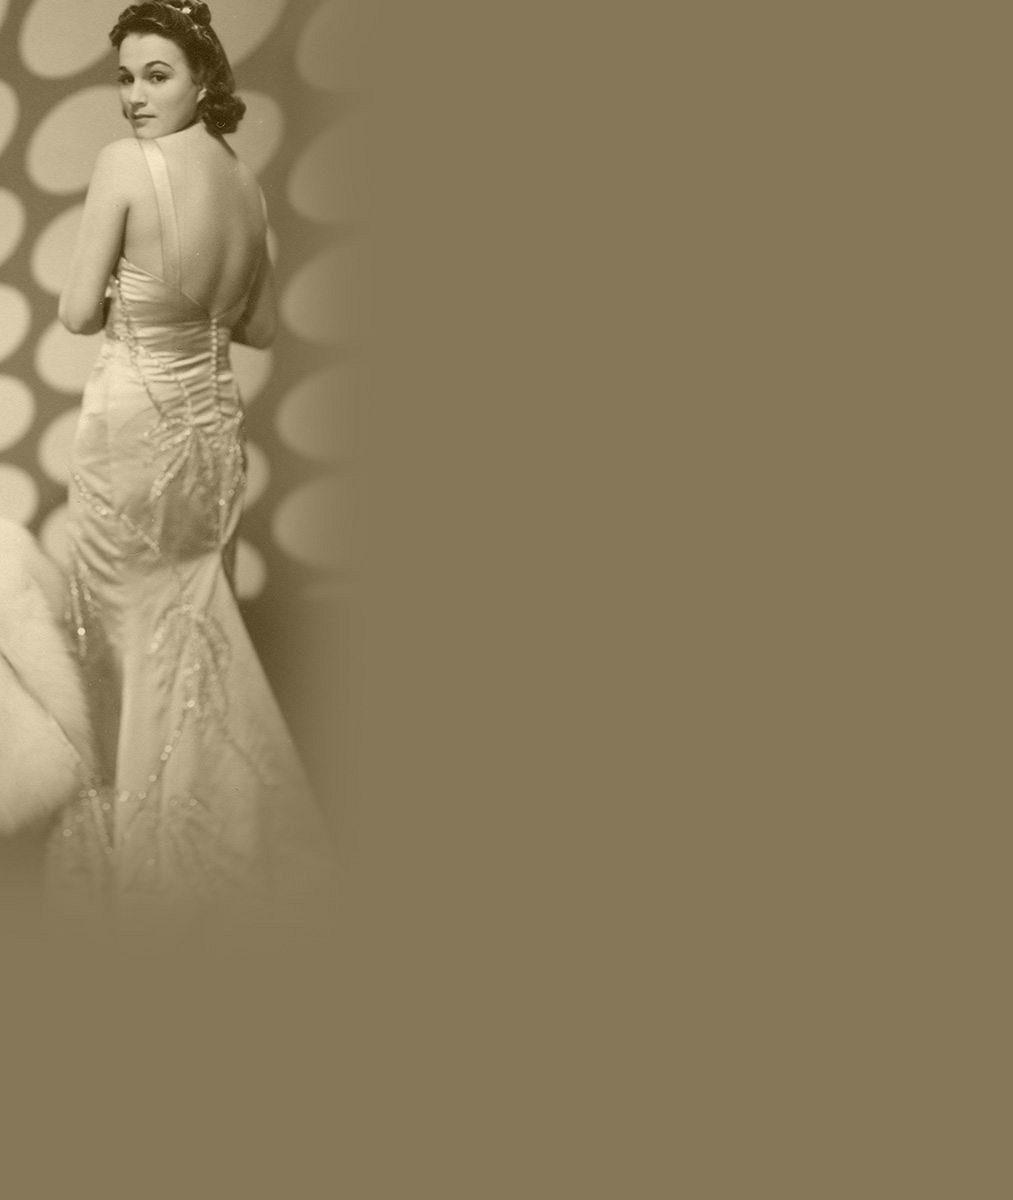 Od smrti prostořeké filmové hvězdy Adiny Mandlové uběhlo 25 let: Takhle krásná byla v době největší slávy